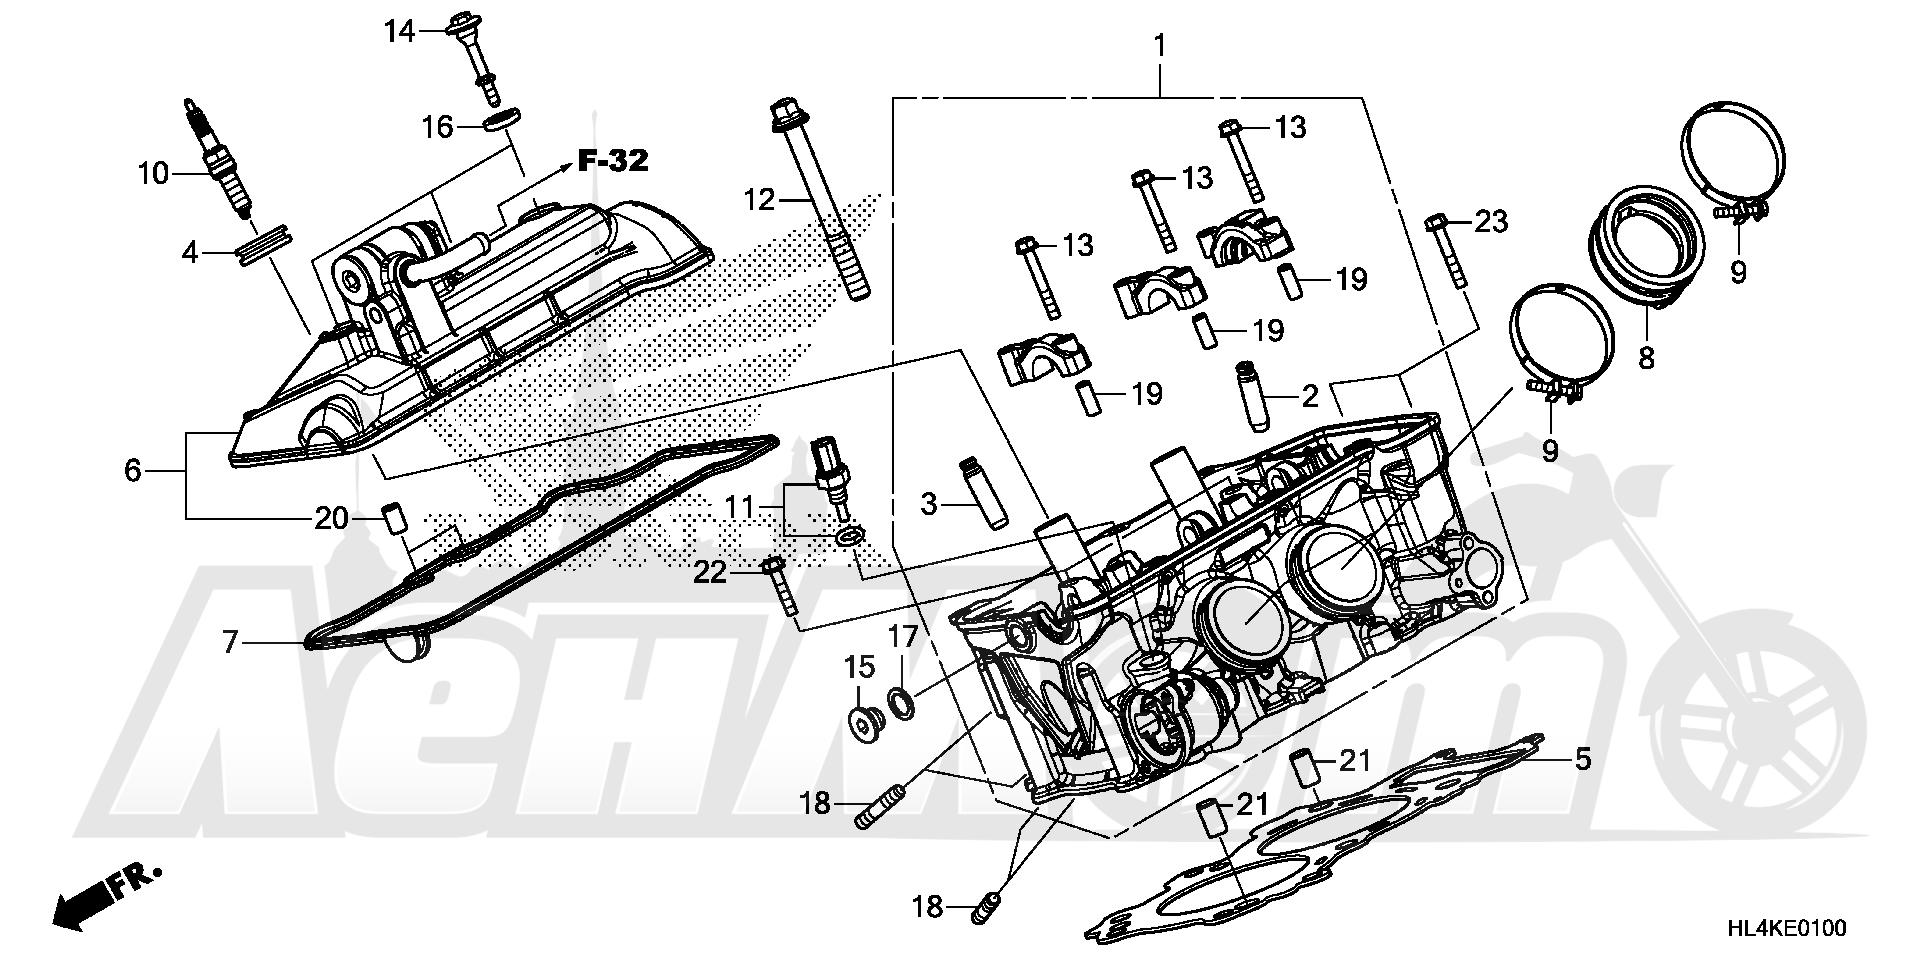 Запчасти для Квадроцикла Honda 2019 SXS1000M3P Раздел: CYLINDER HEAD | головка цилиндра